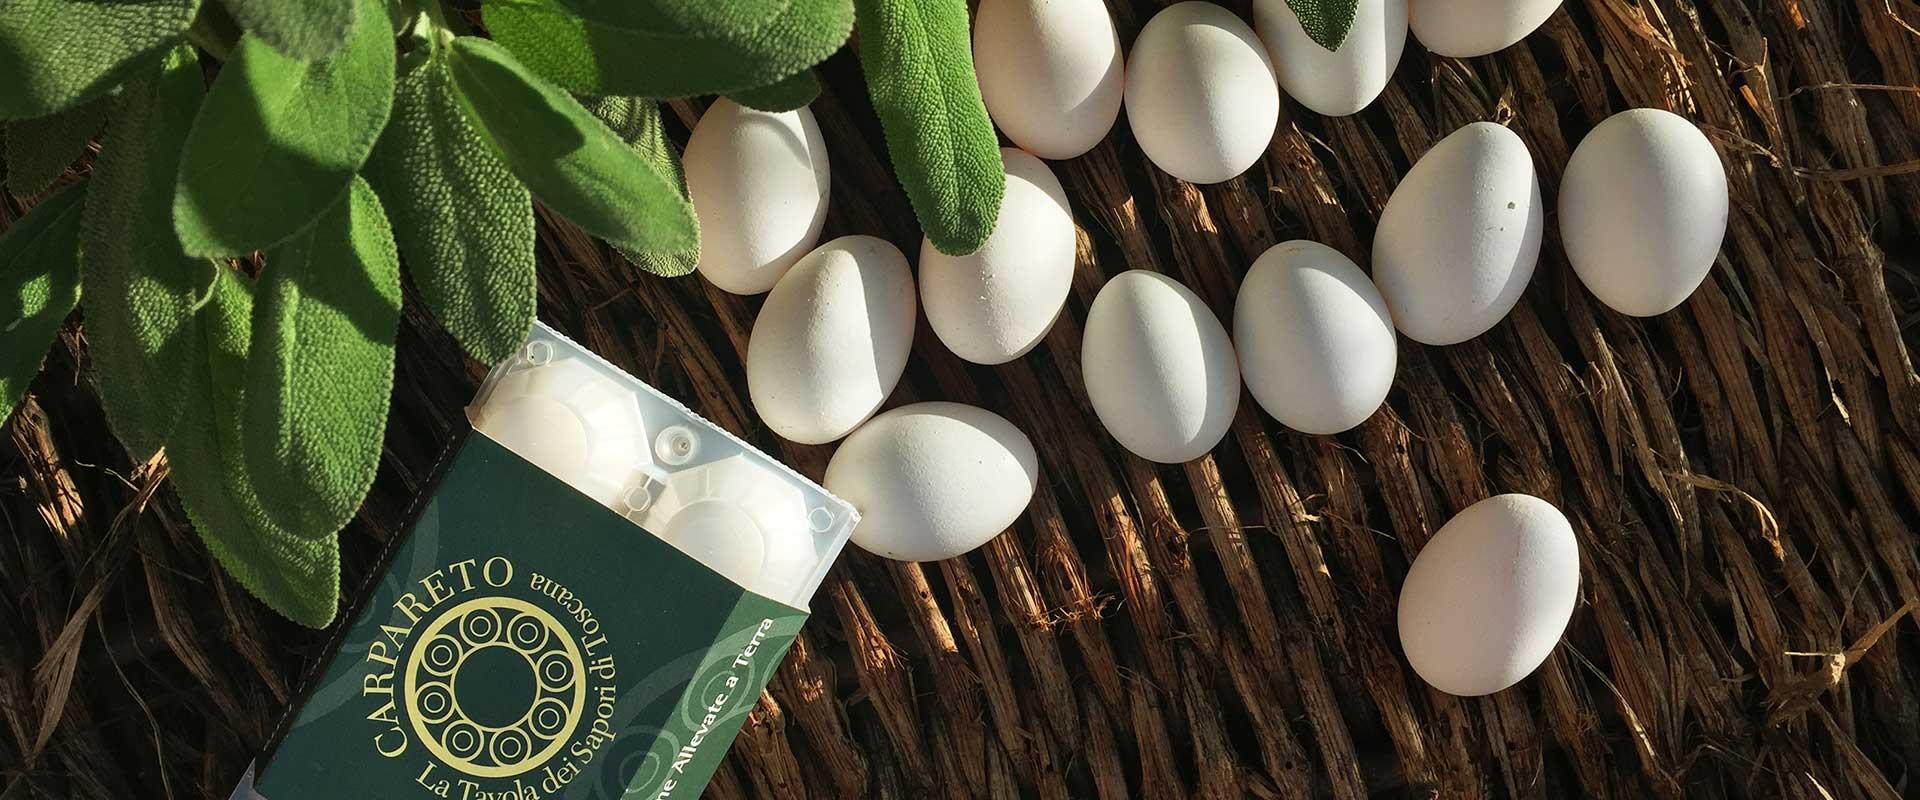 carpareto-agricola-uova